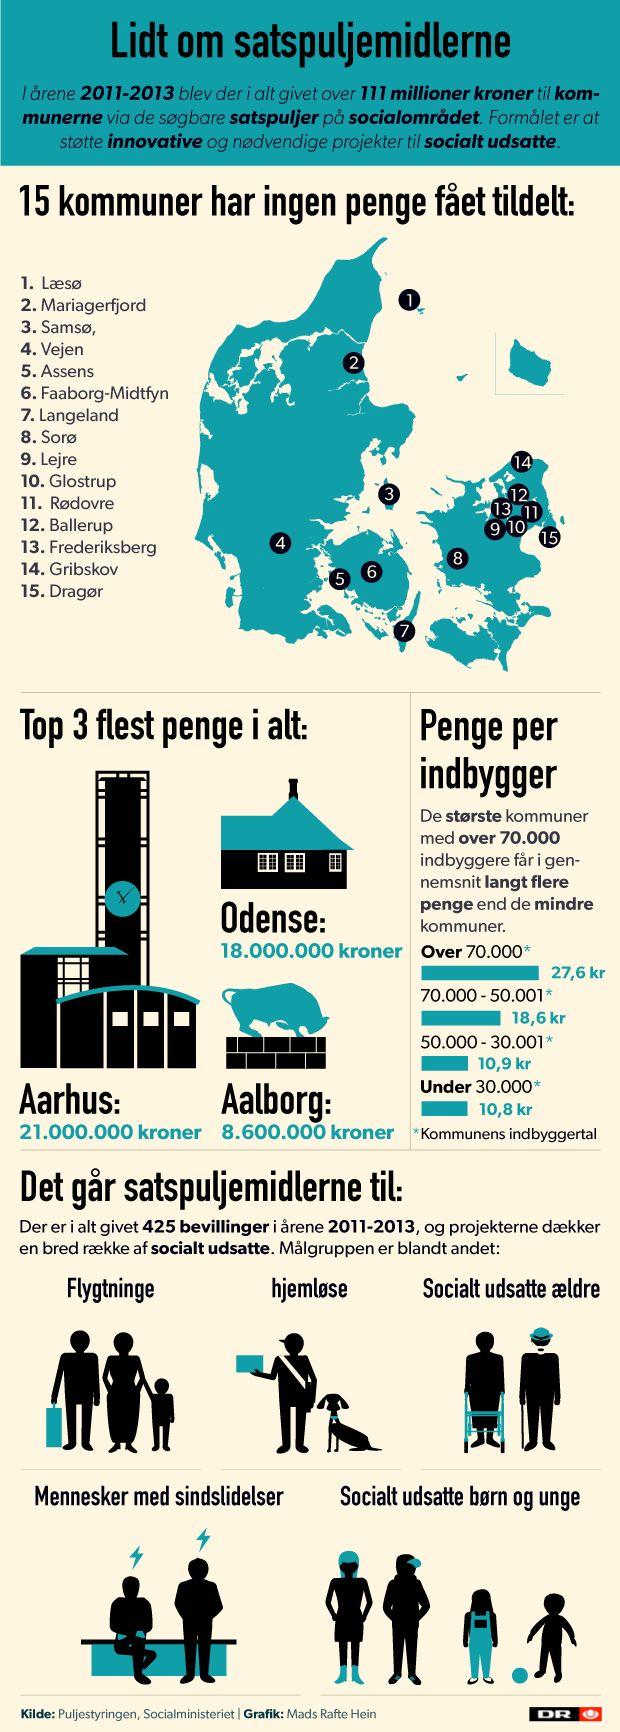 SATSPULJER Små kommuner går glip af millioner til socialt udsatte | Nyheder | DR 6/7-15